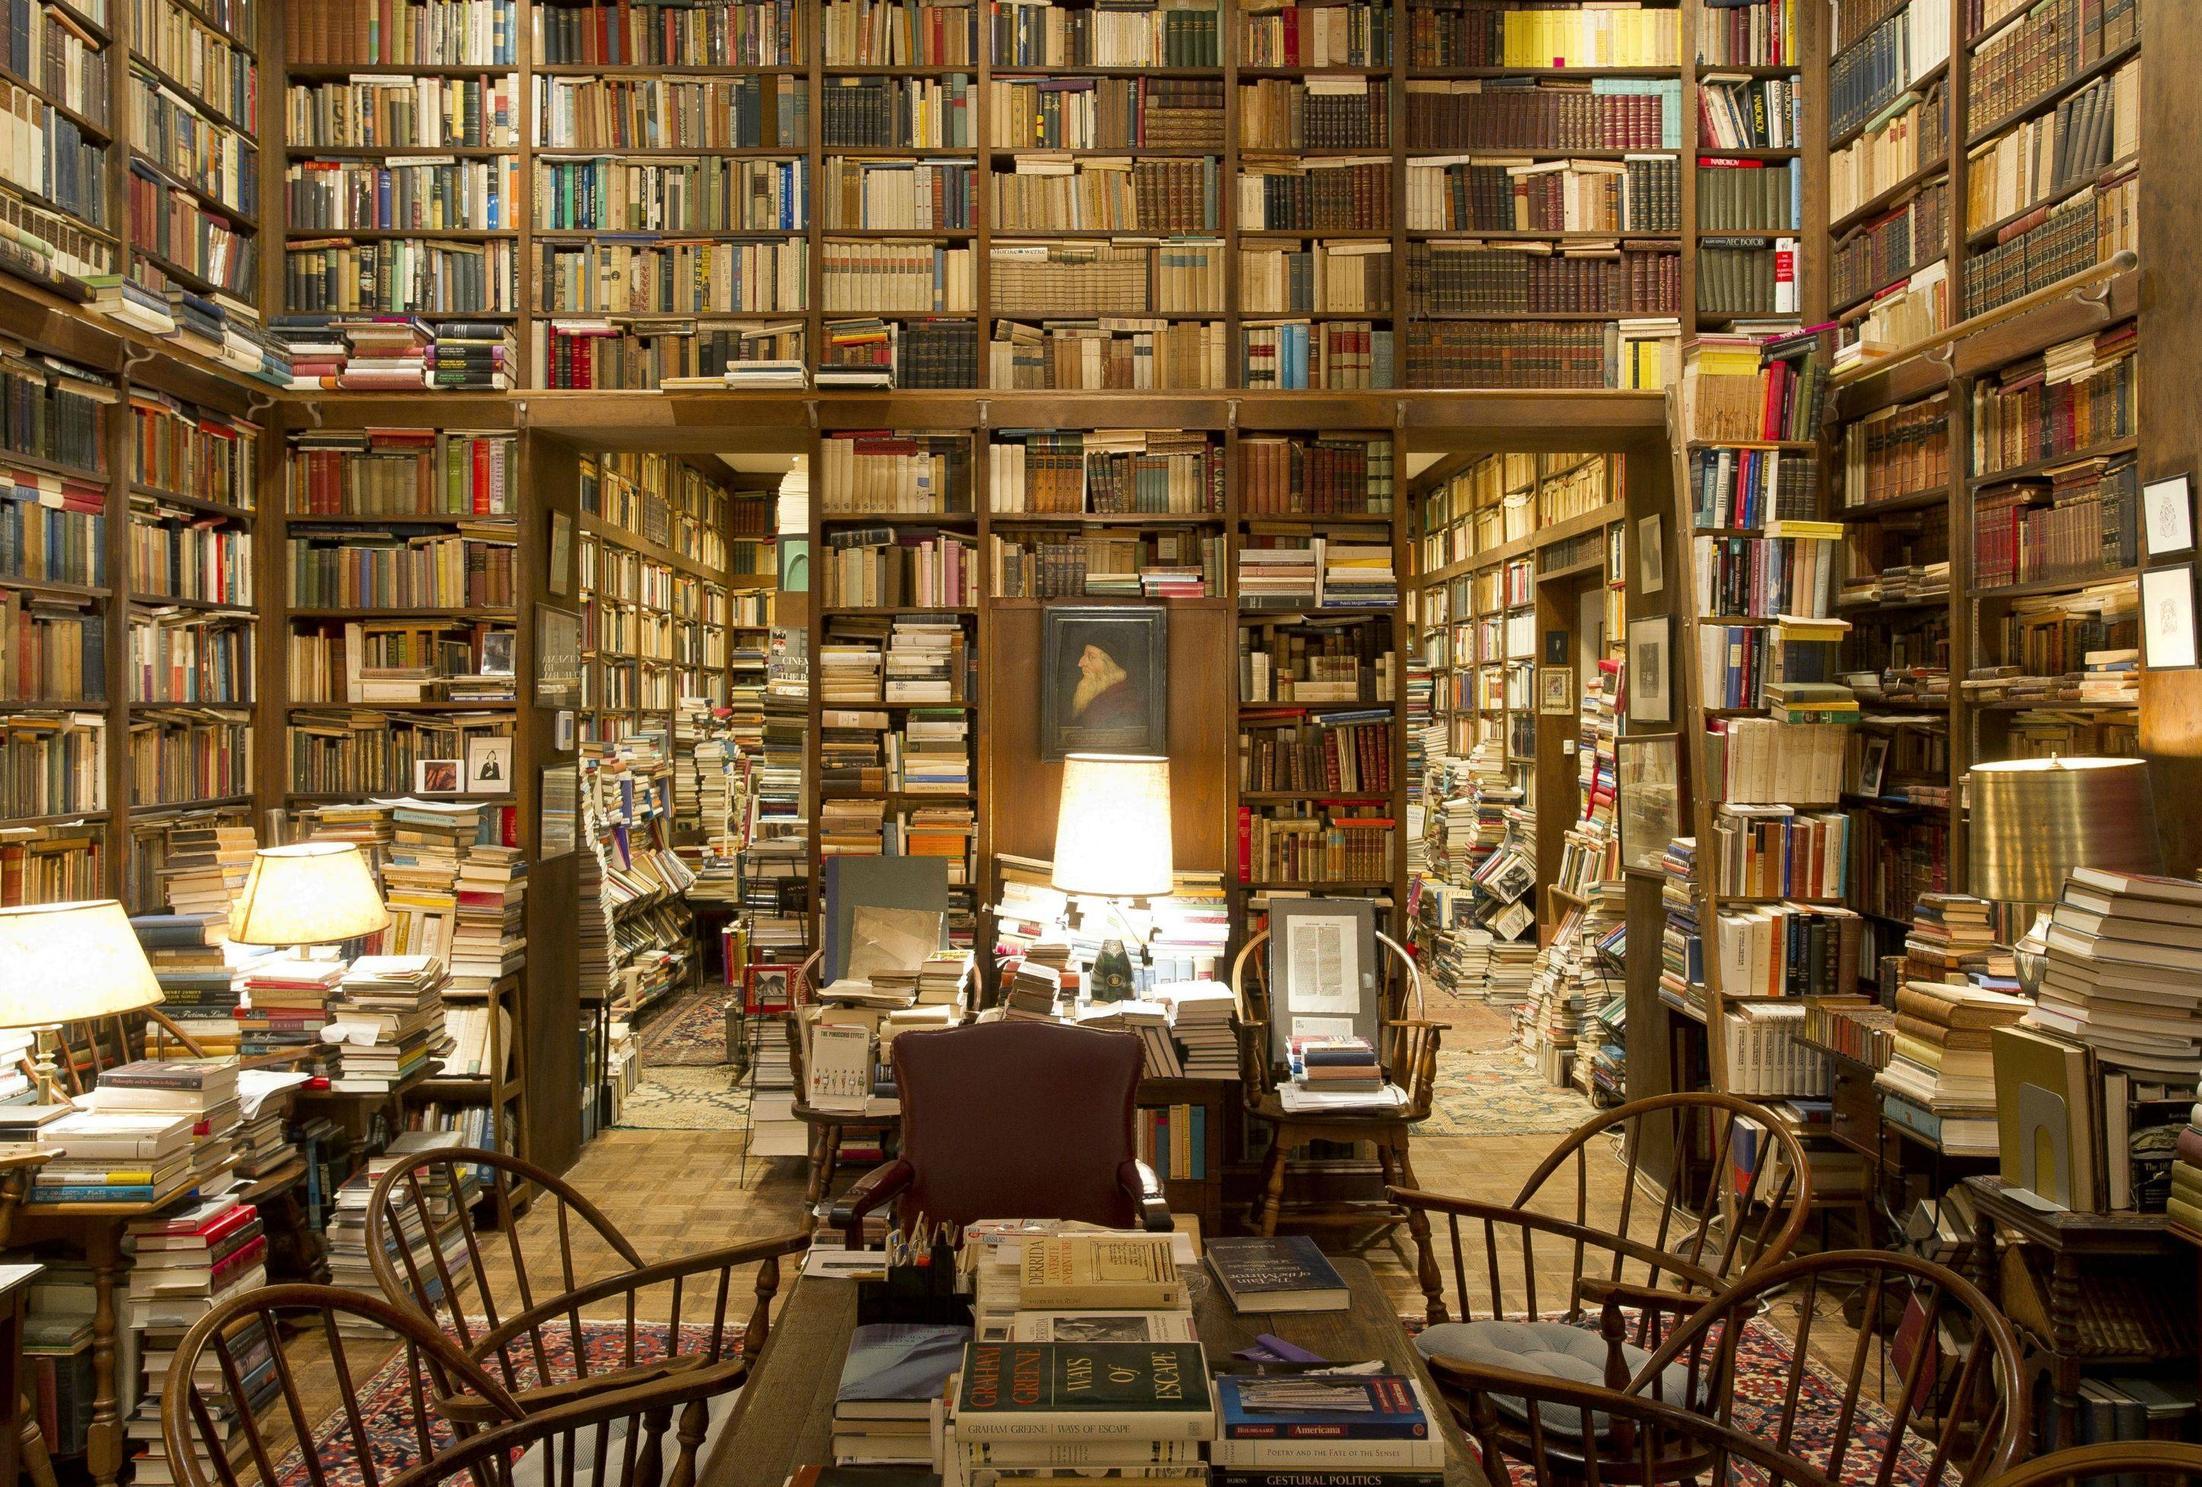 library book wallpaper - wallpapersafari